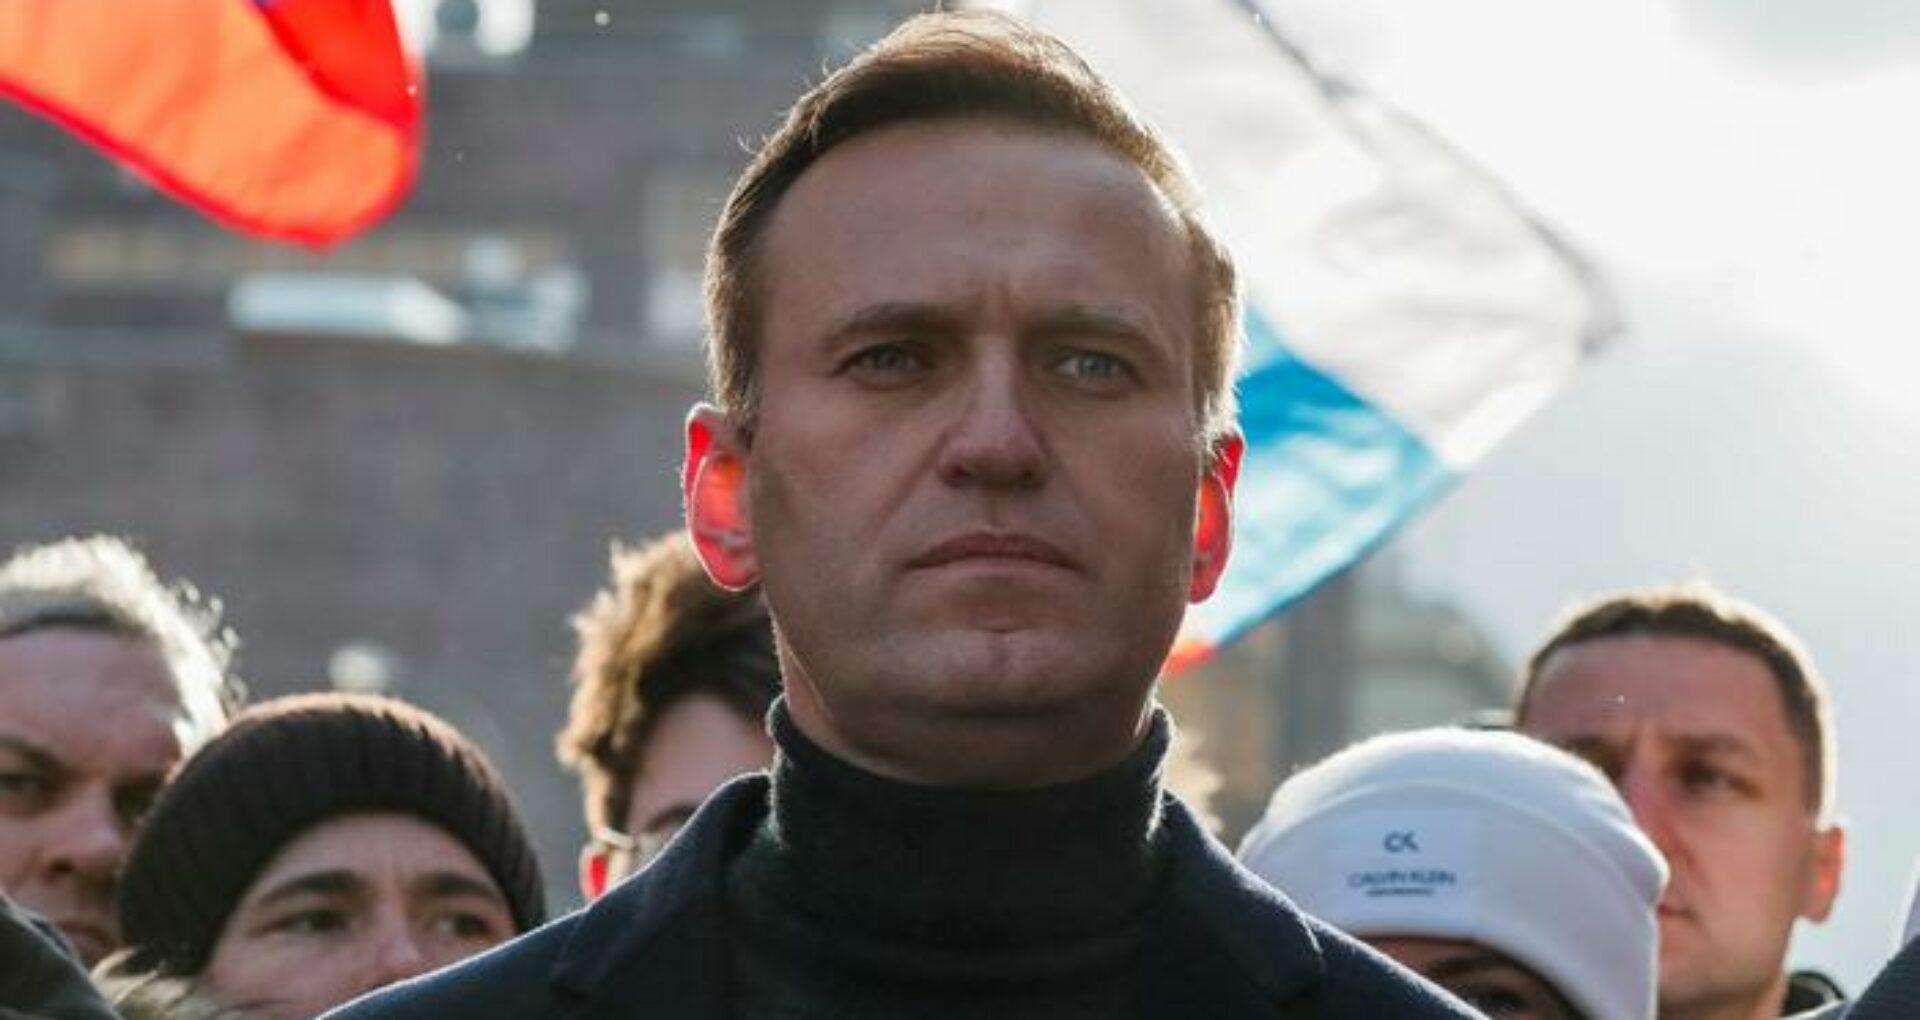 Navalny a fost transferat din unitatea medicală înapoi în detașament. Acesta este amenințat că va fi hrănit cu forța